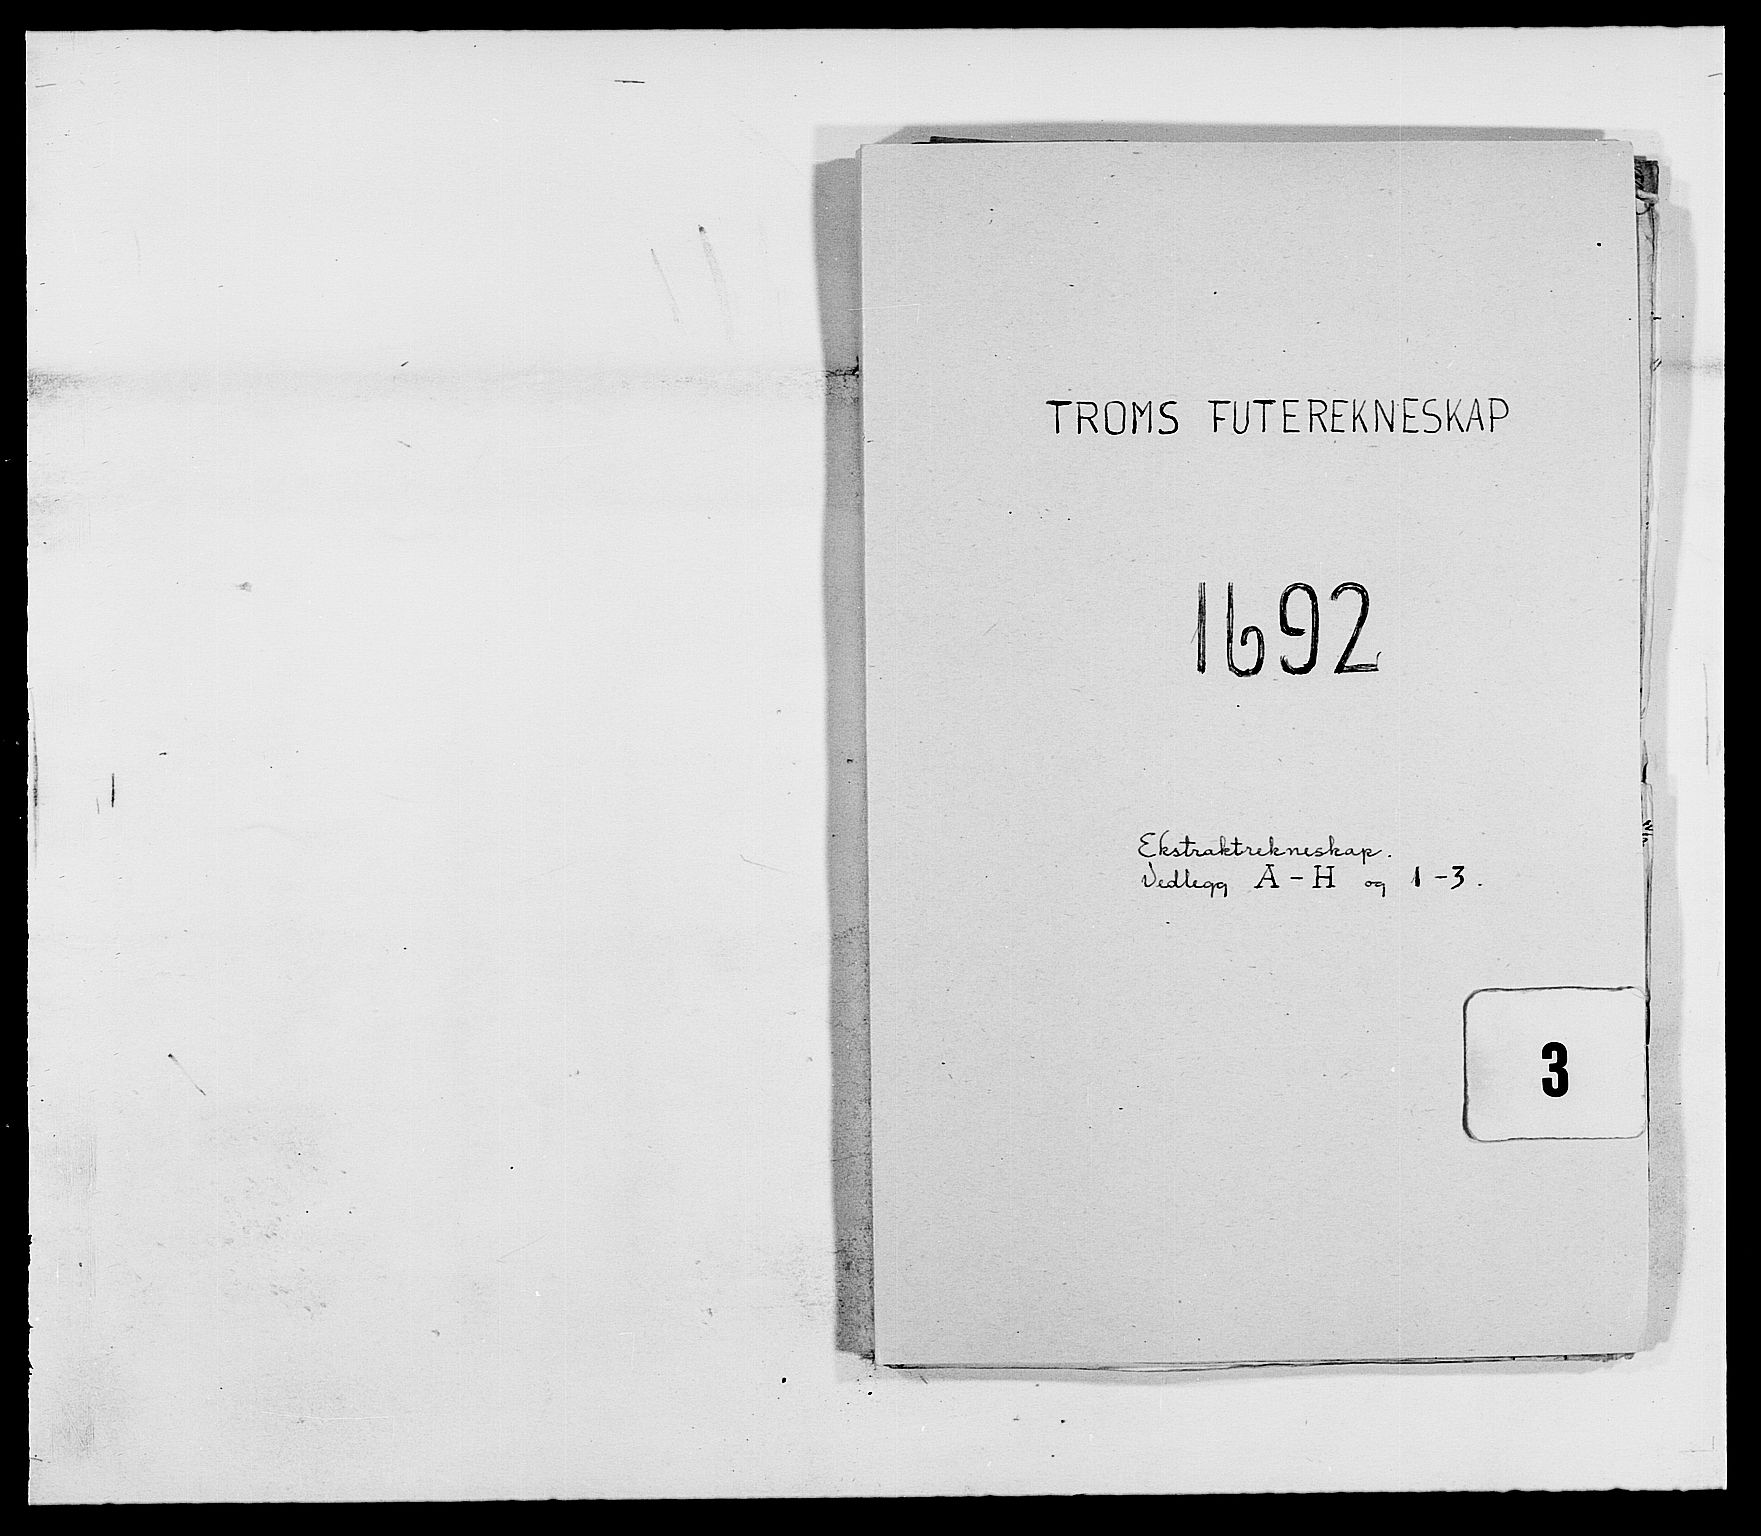 RA, Rentekammeret inntil 1814, Reviderte regnskaper, Fogderegnskap, R68/L4751: Fogderegnskap Senja og Troms, 1690-1693, s. 140